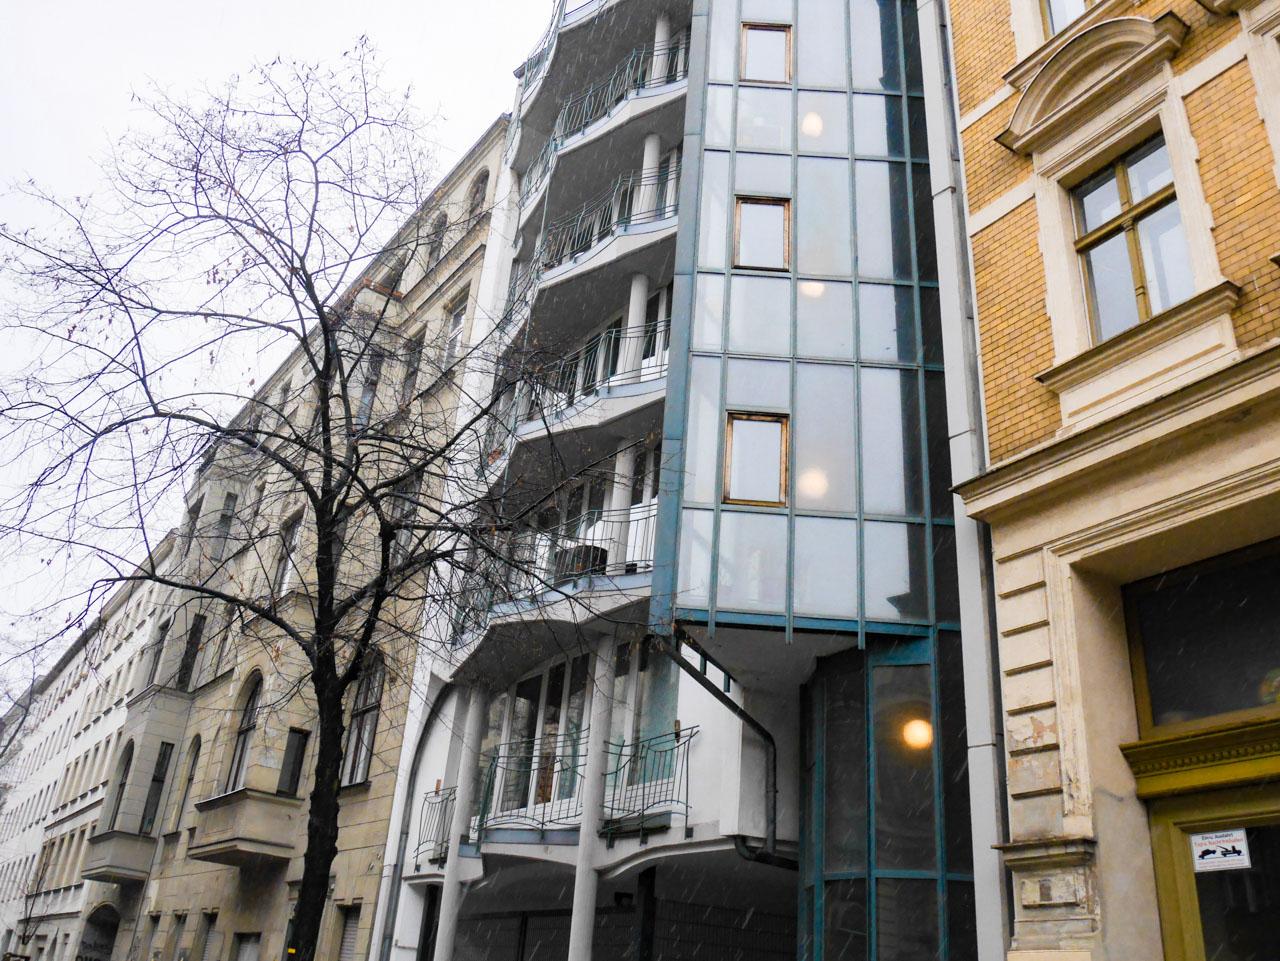 Immeuble Bauhaus dans les rues de Berlin Neukölln